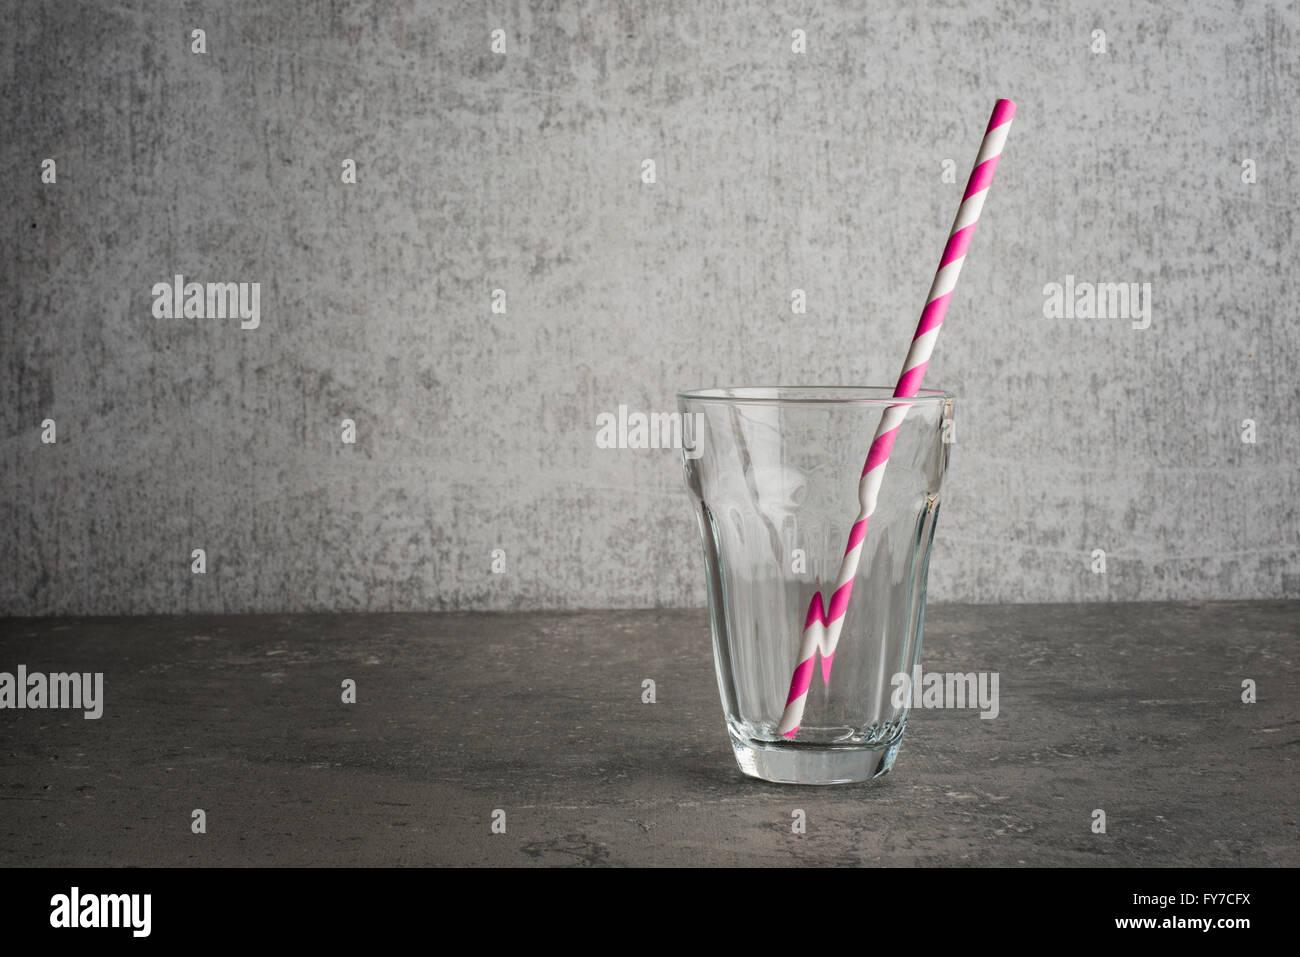 Bicchiere vuoto con cannuccia studio ancora in vita la paglia è a strisce del vetro è st ing su un tavolo Immagini Stock